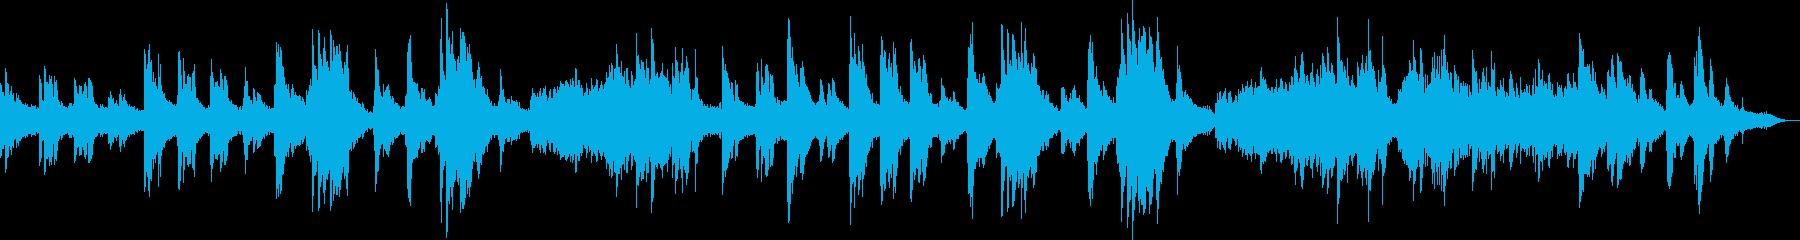 ピアノとシンセによる雪国のイメージの再生済みの波形